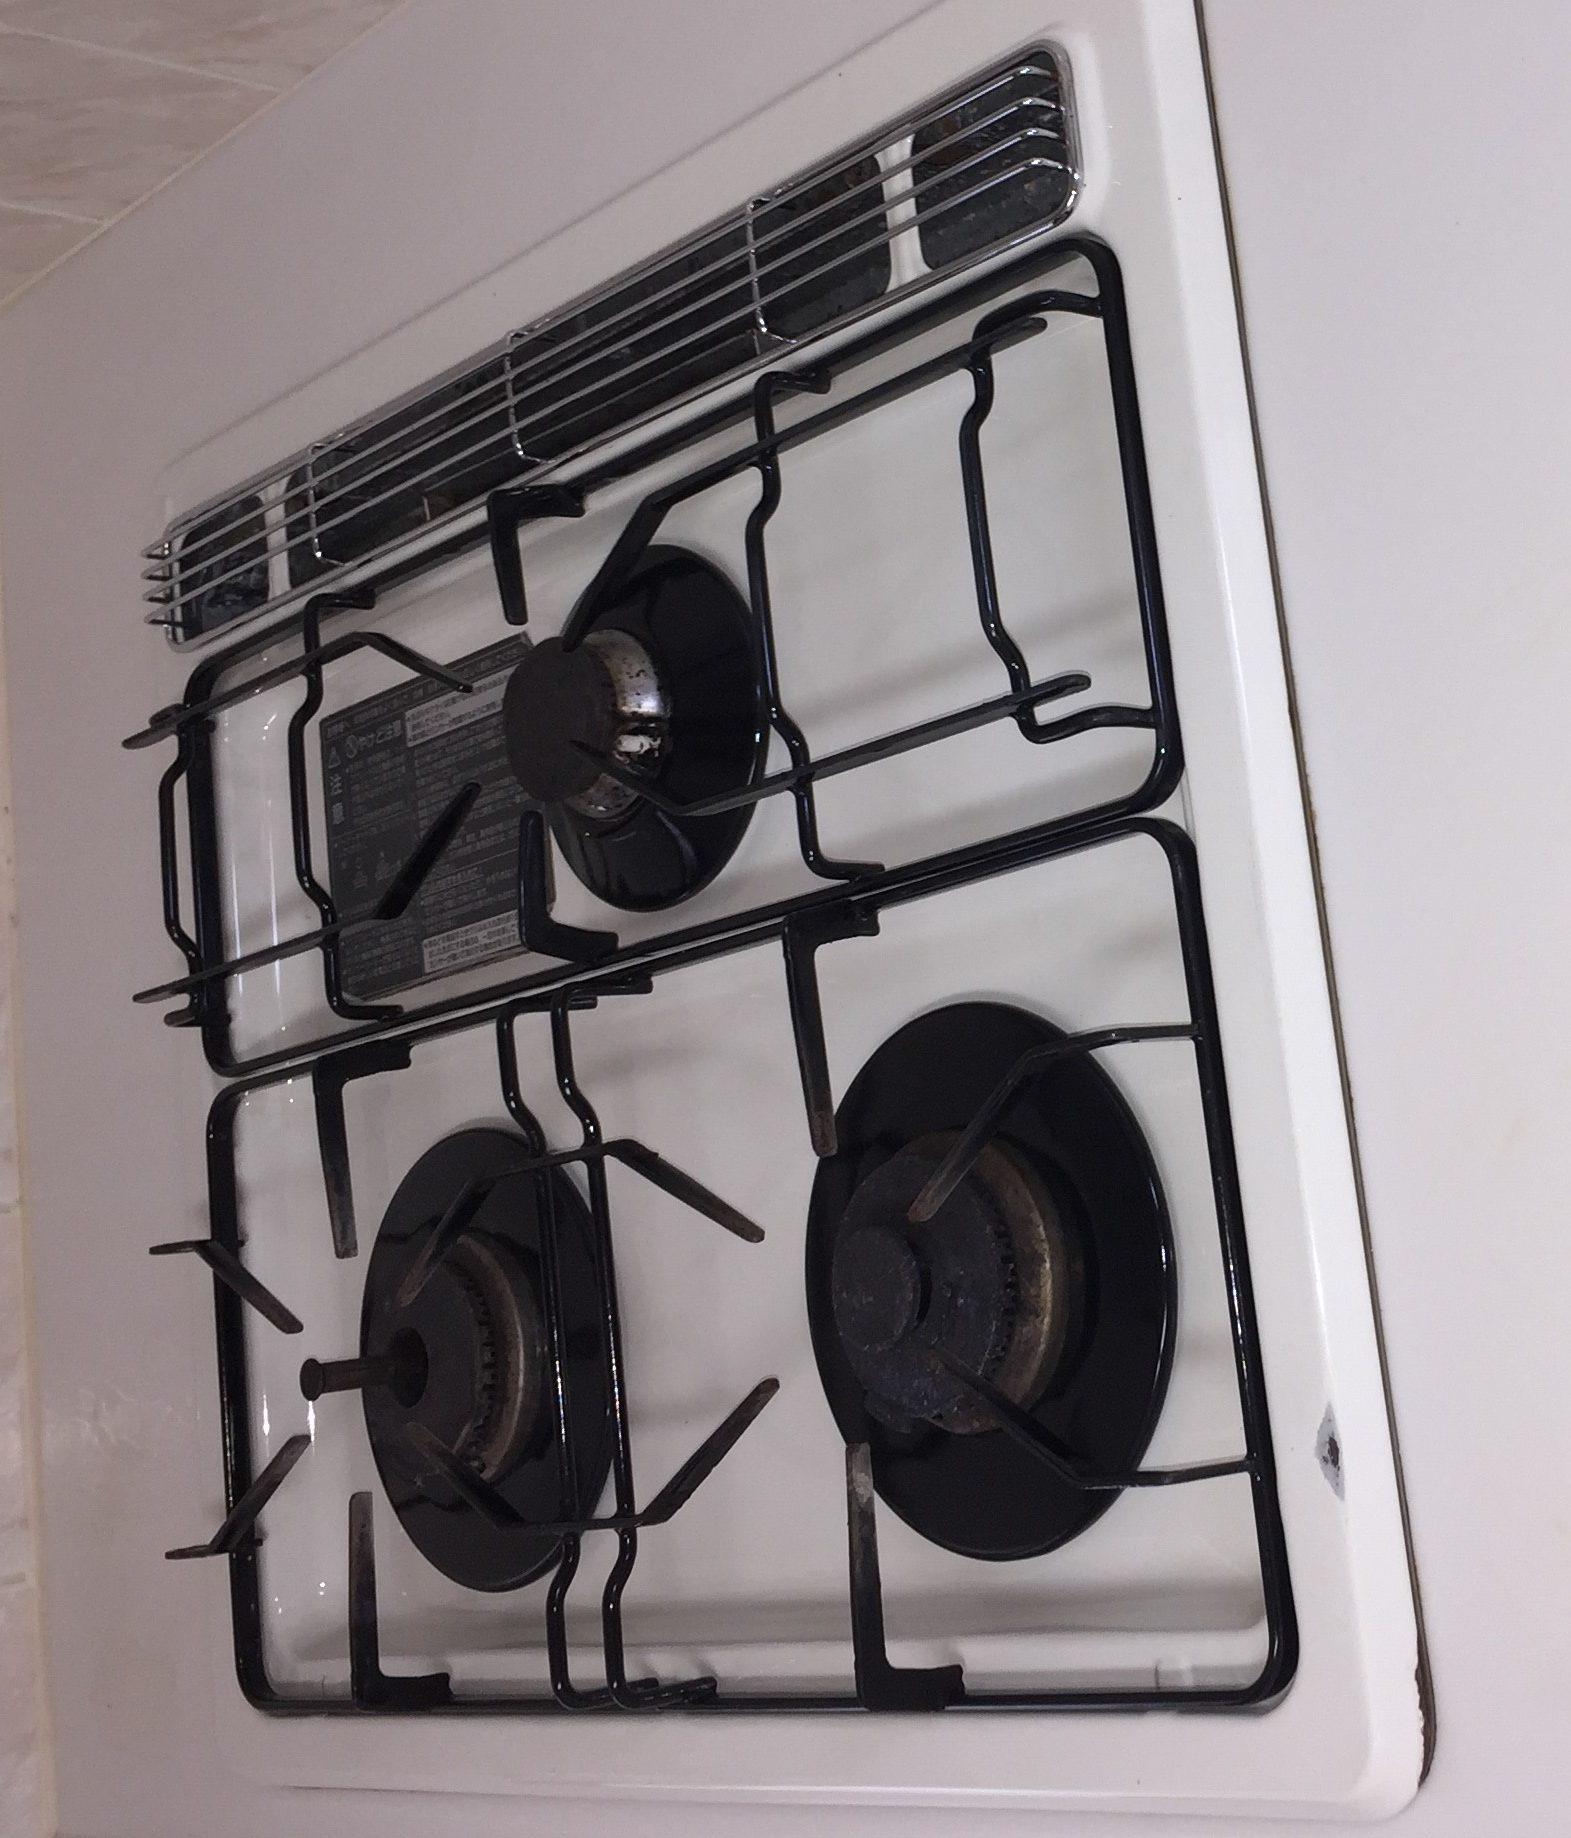 宝塚市 毎日のお掃除で綺麗な台所!ガスコンロの頑固な汚れをプロにお任せ下さい!